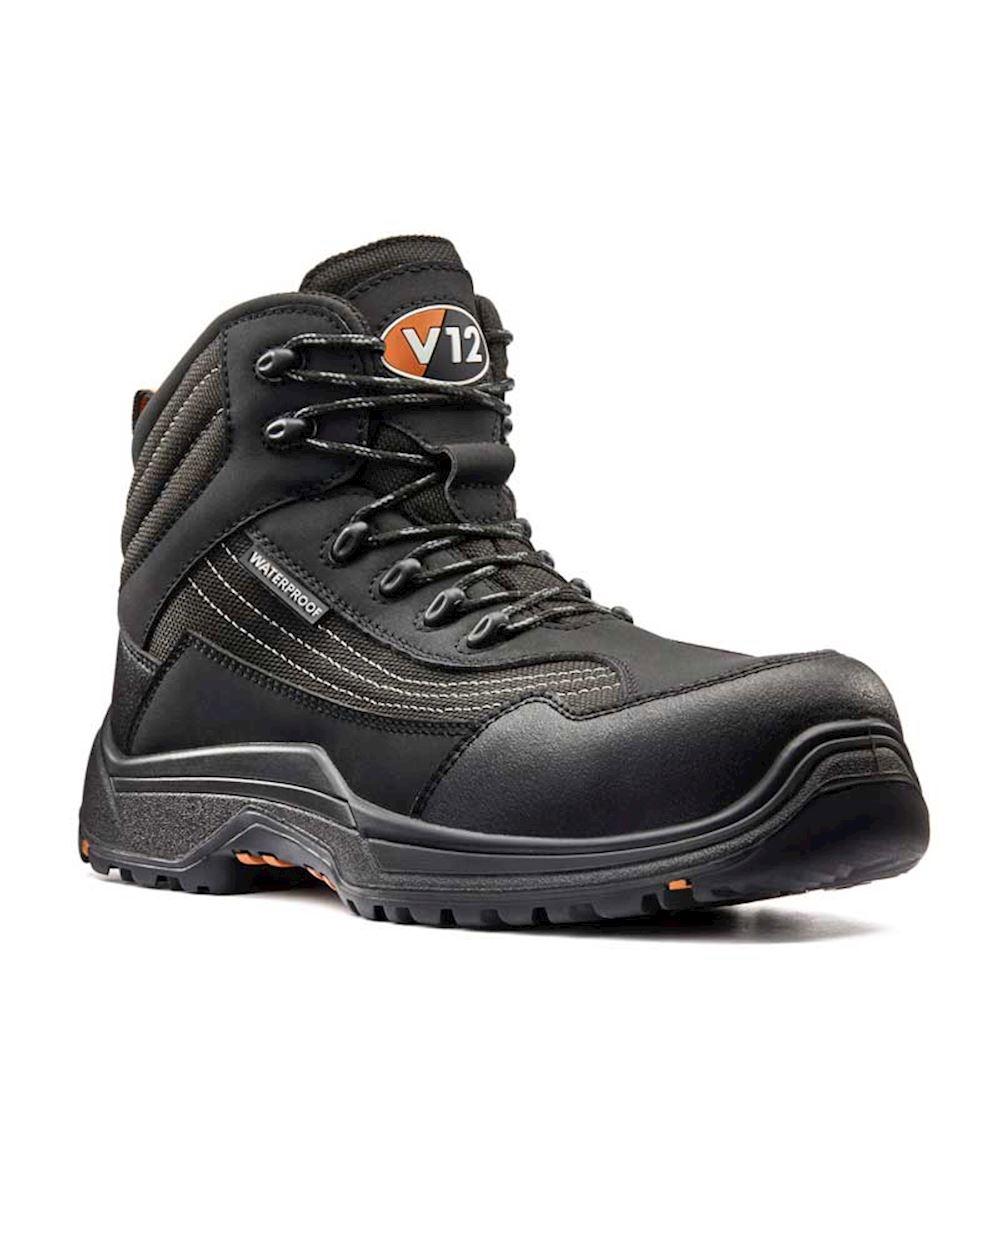 8d62d631e V12 Caiman Waterproof Safety Hiker Boot